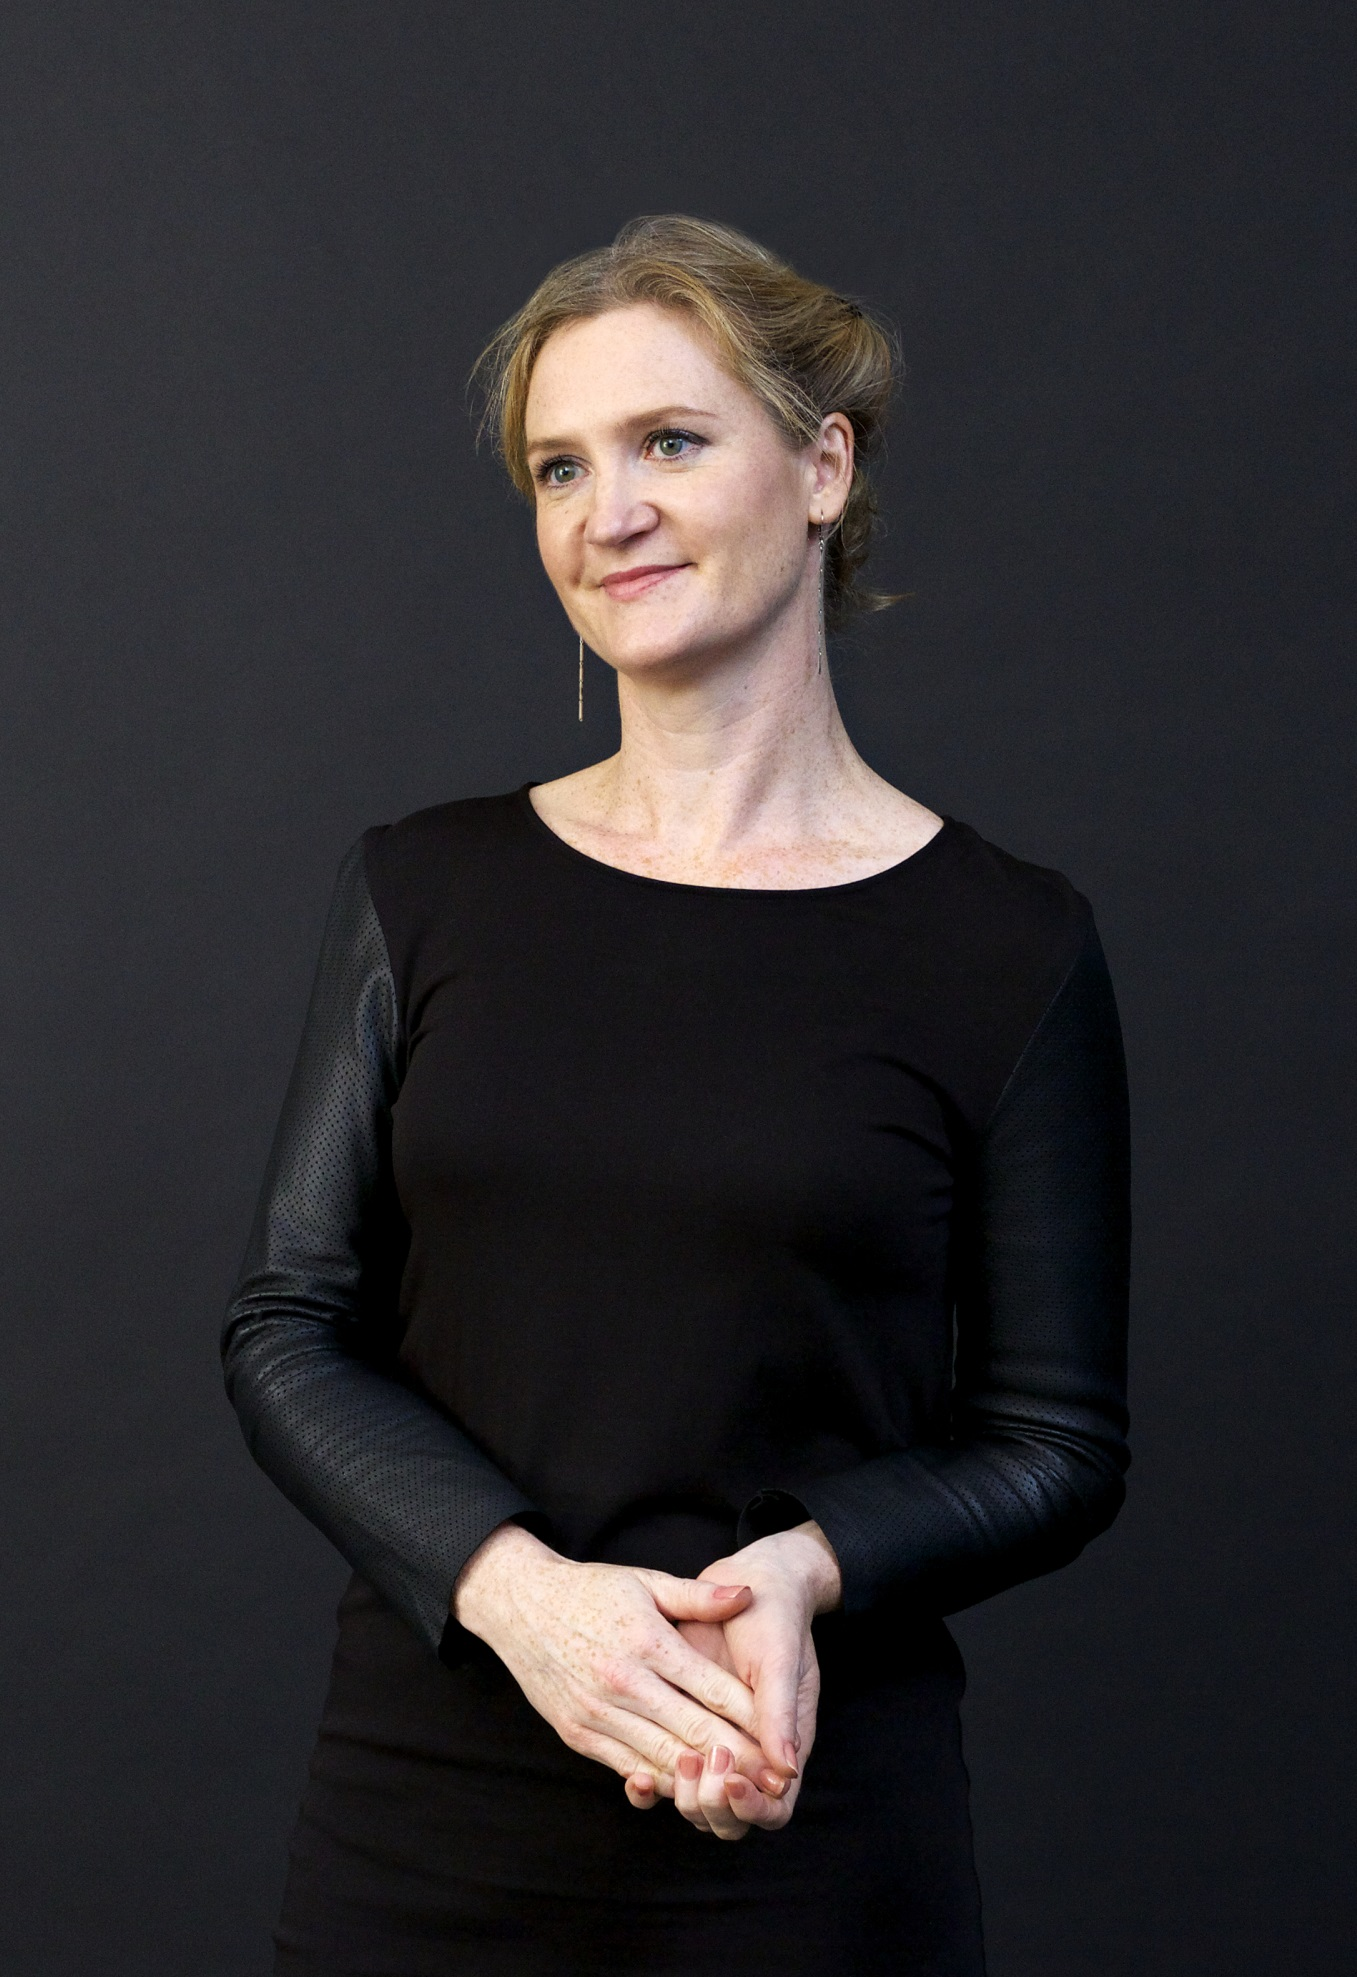 Nicola-Rutt-med